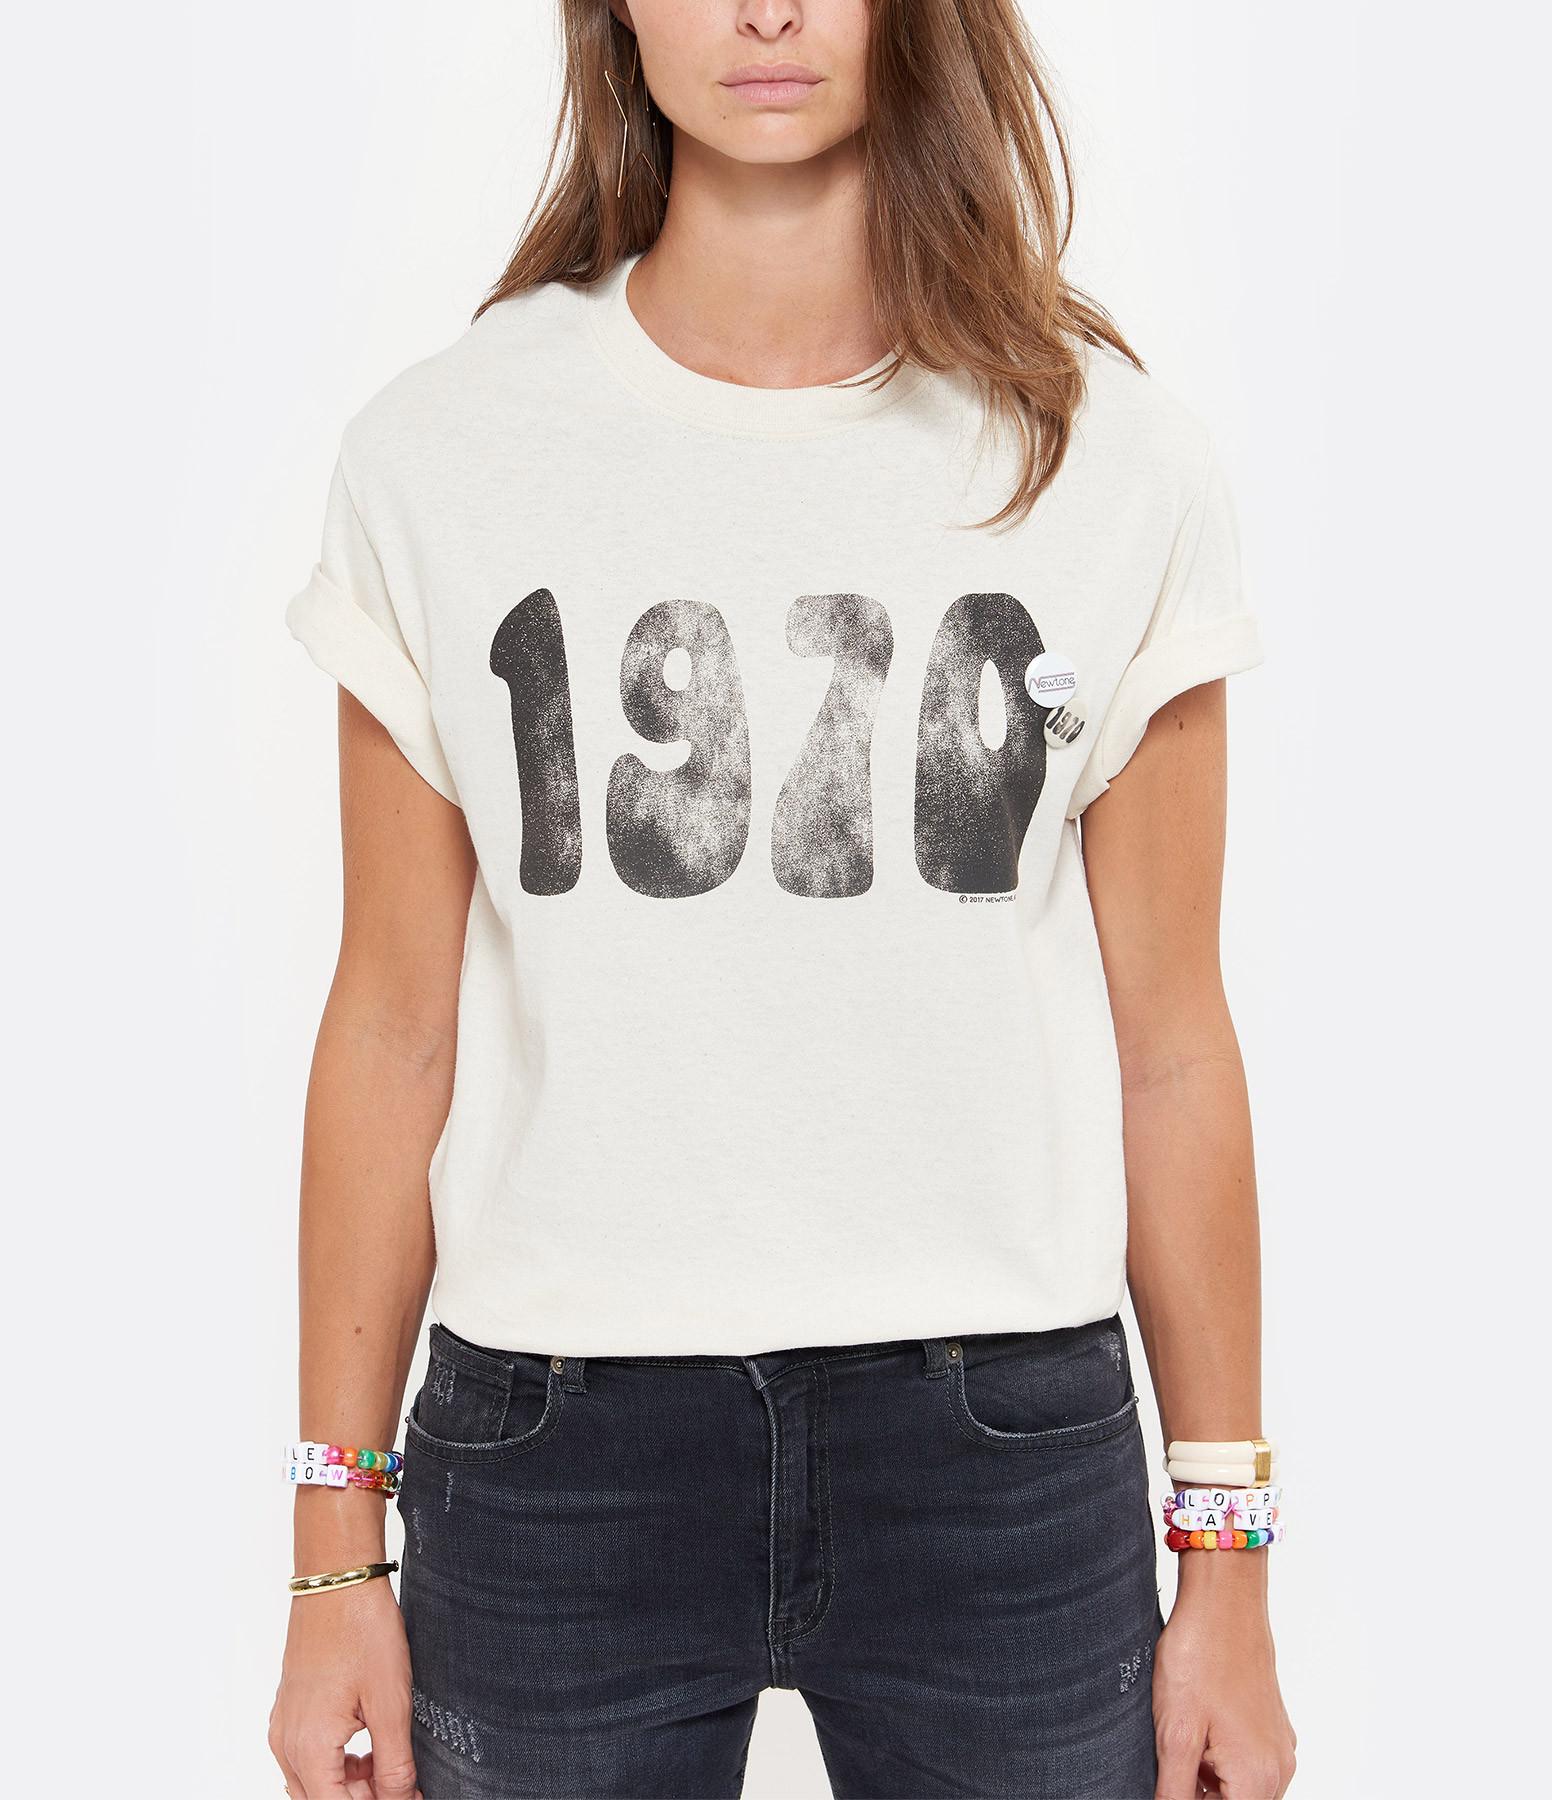 NEWTONE - Tee-shirt 1970 Coton Naturel